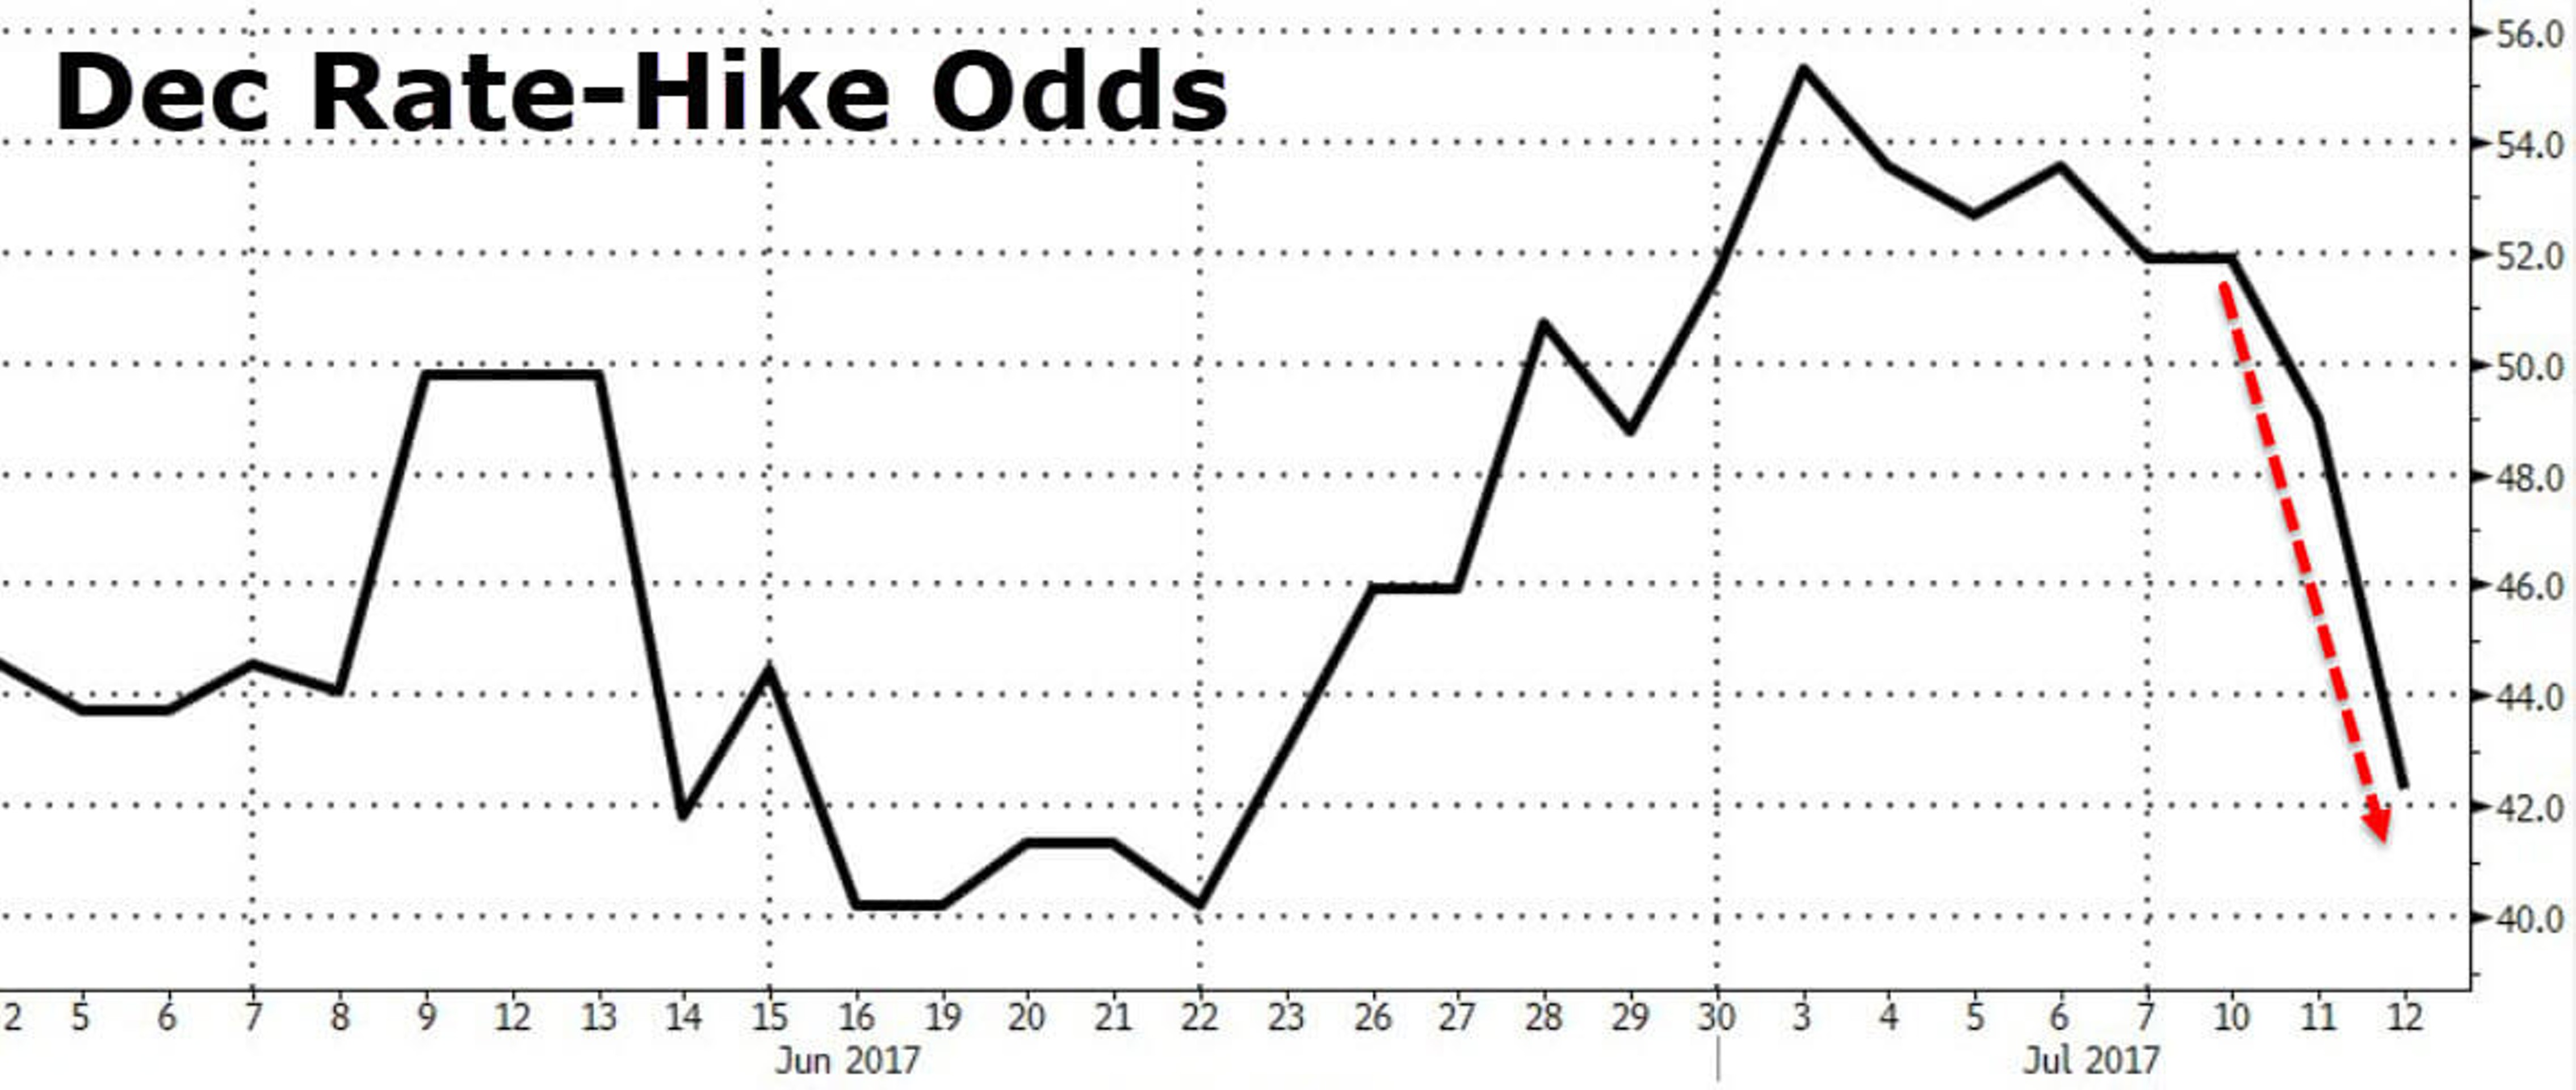 ФРС видит экономический рост. Почему рынок не верит?